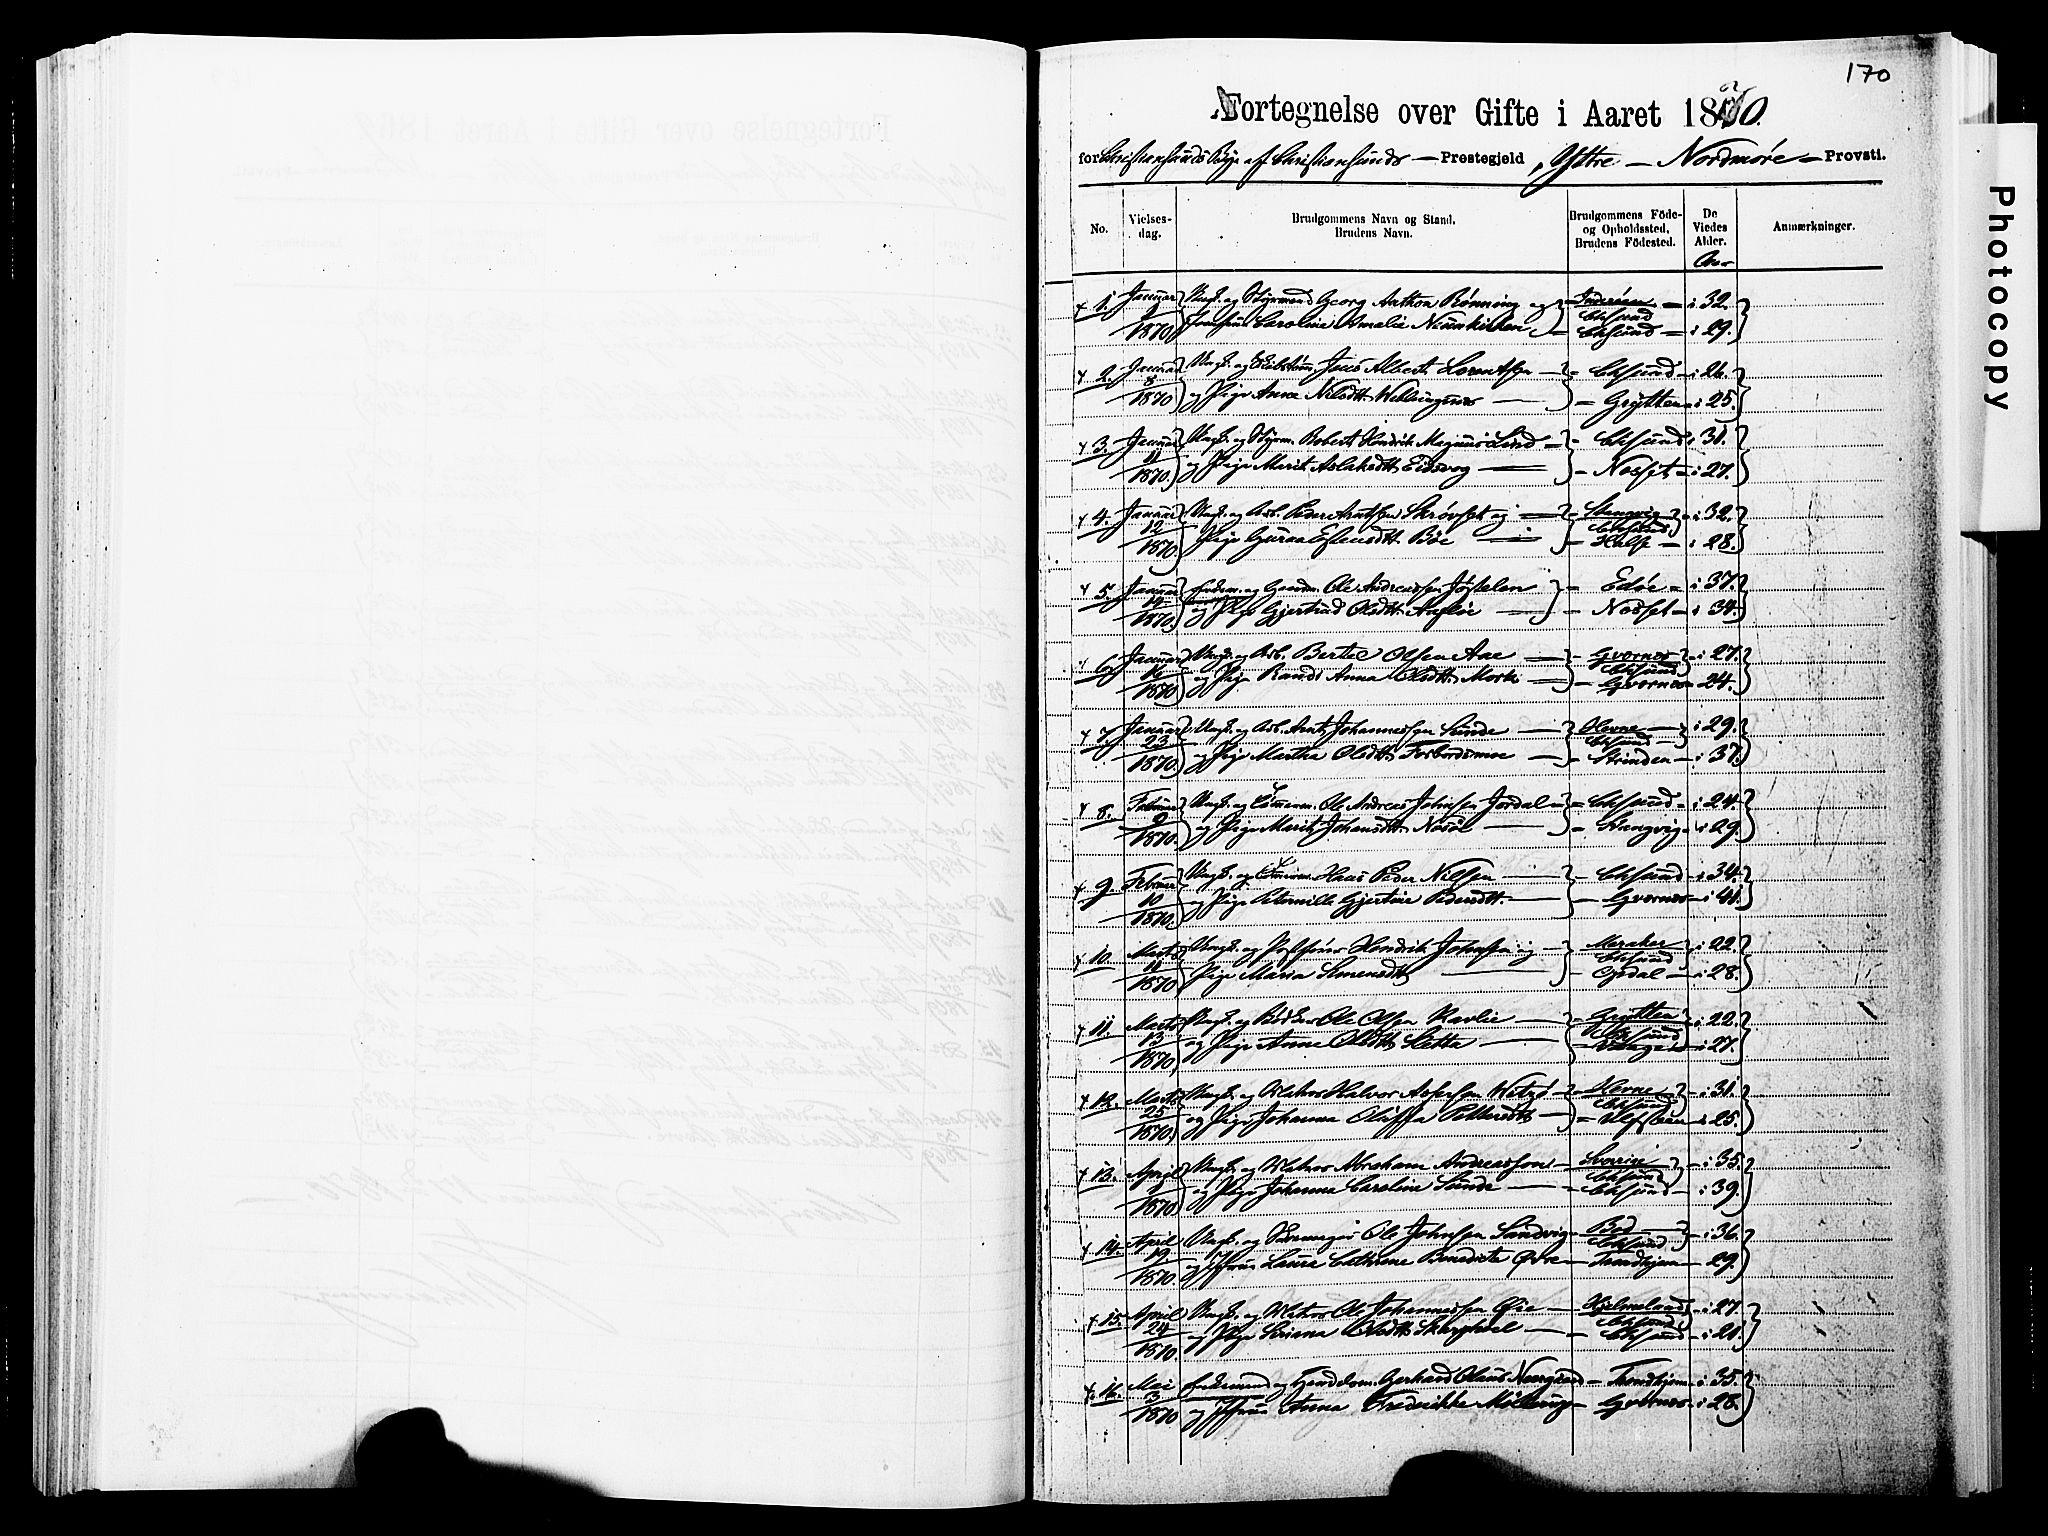 SAT, Ministerialprotokoller, klokkerbøker og fødselsregistre - Møre og Romsdal, 572/L0857: Ministerialbok nr. 572D01, 1866-1872, s. 170